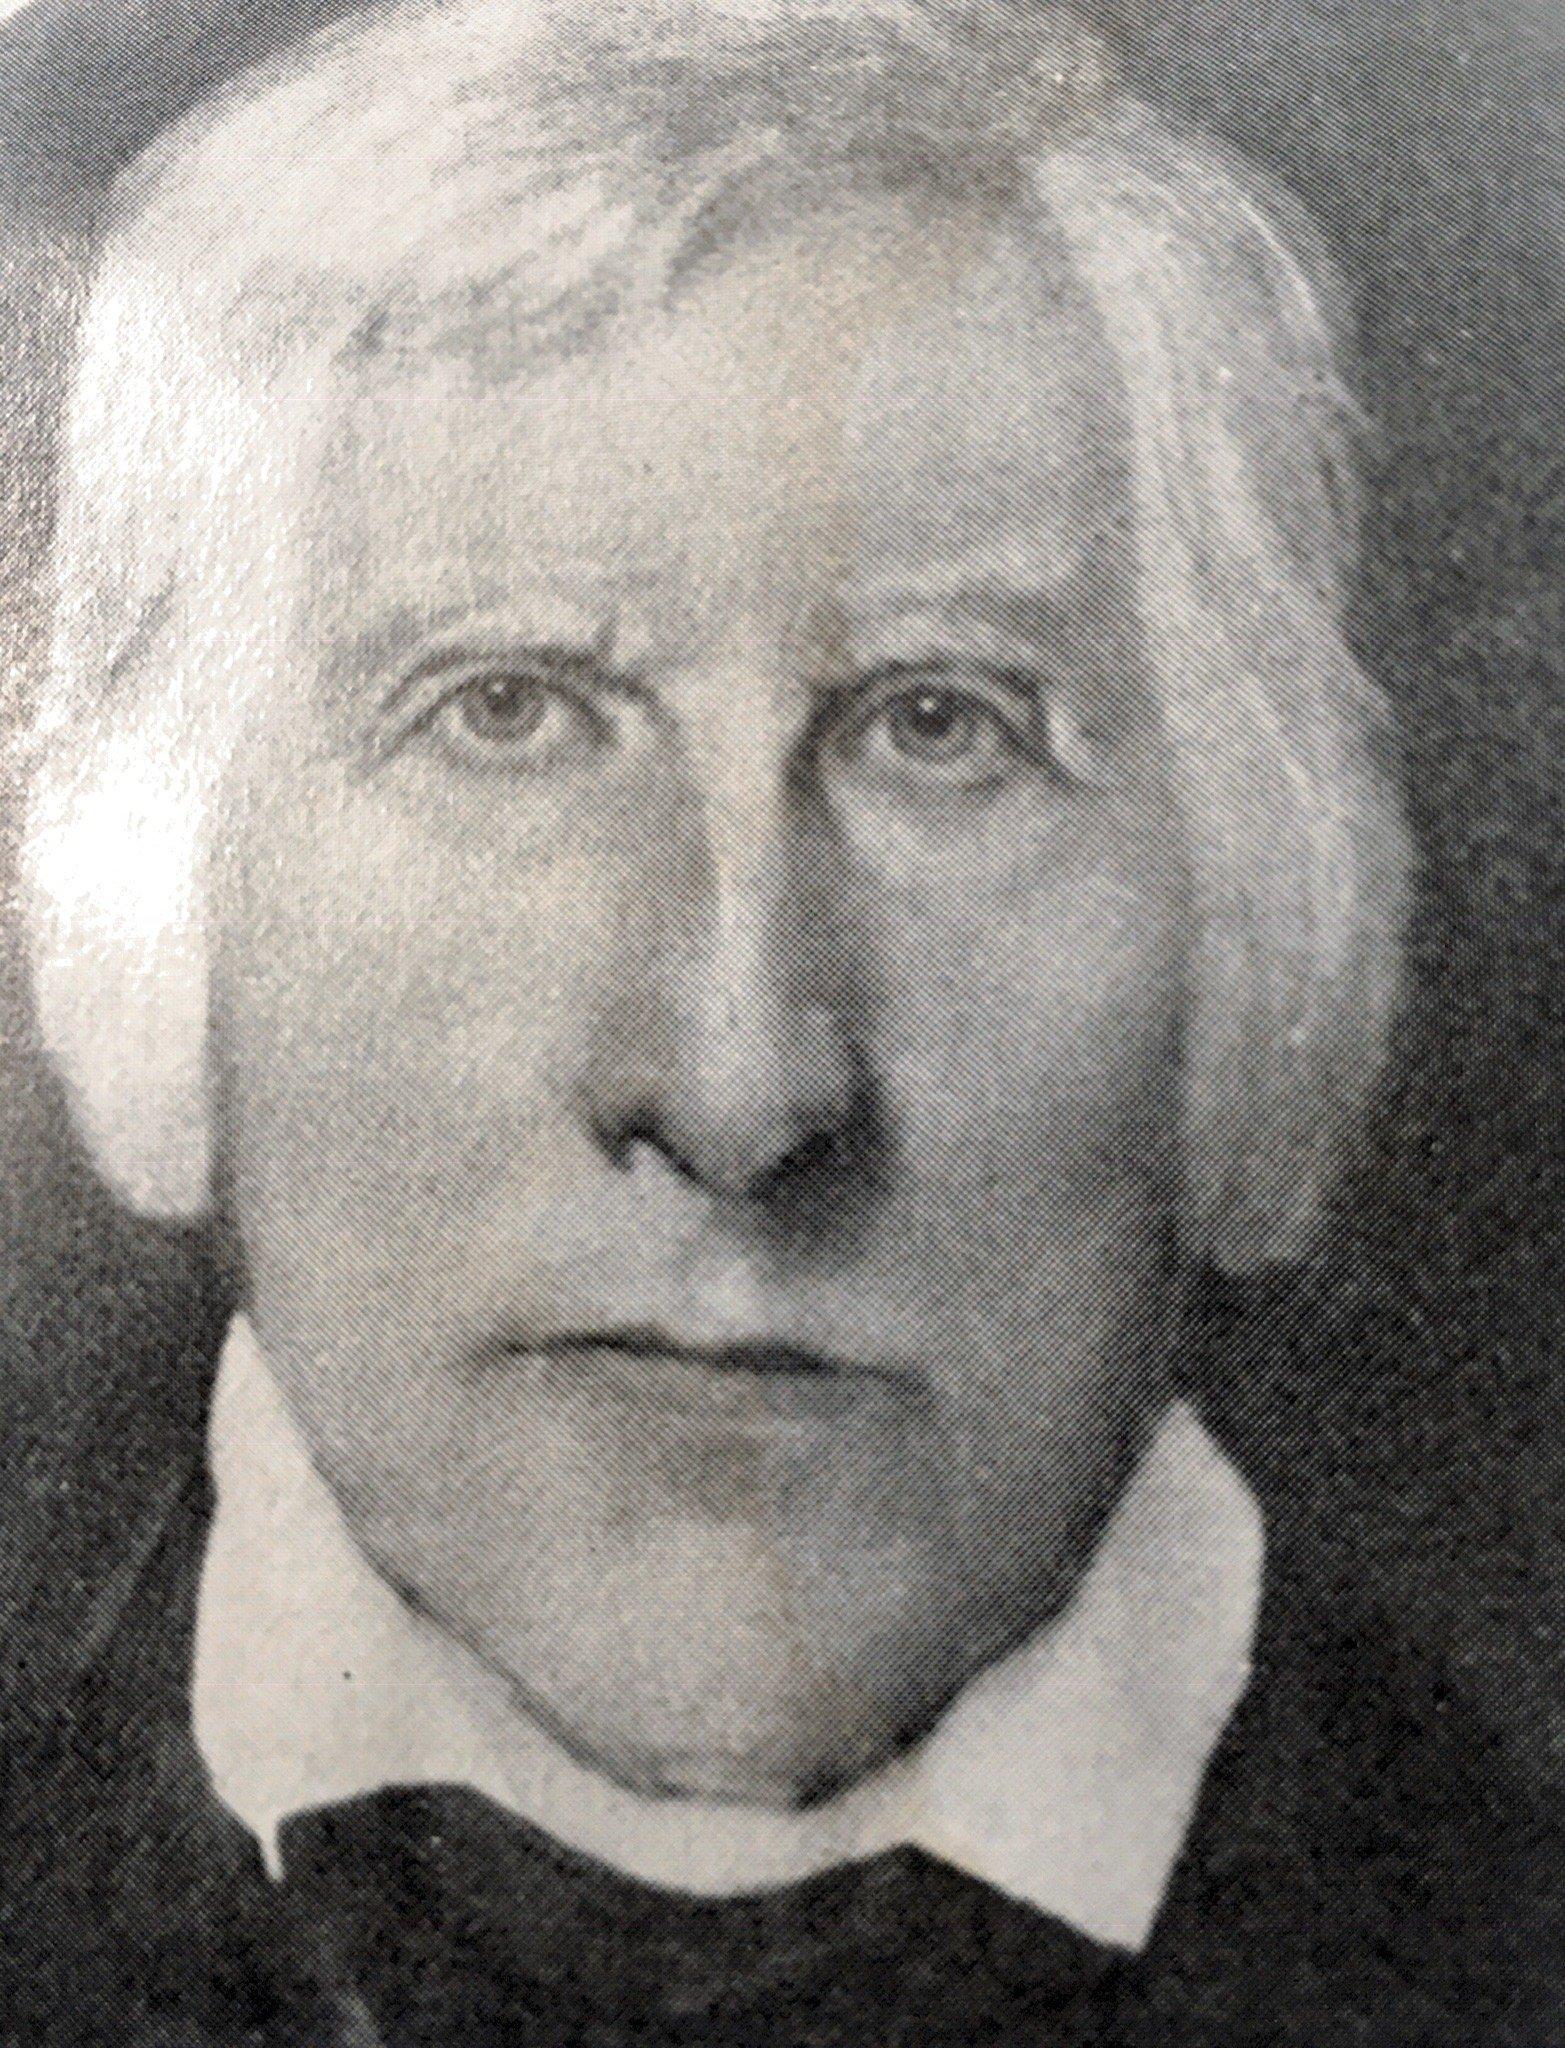 Rev. John McIlhenney